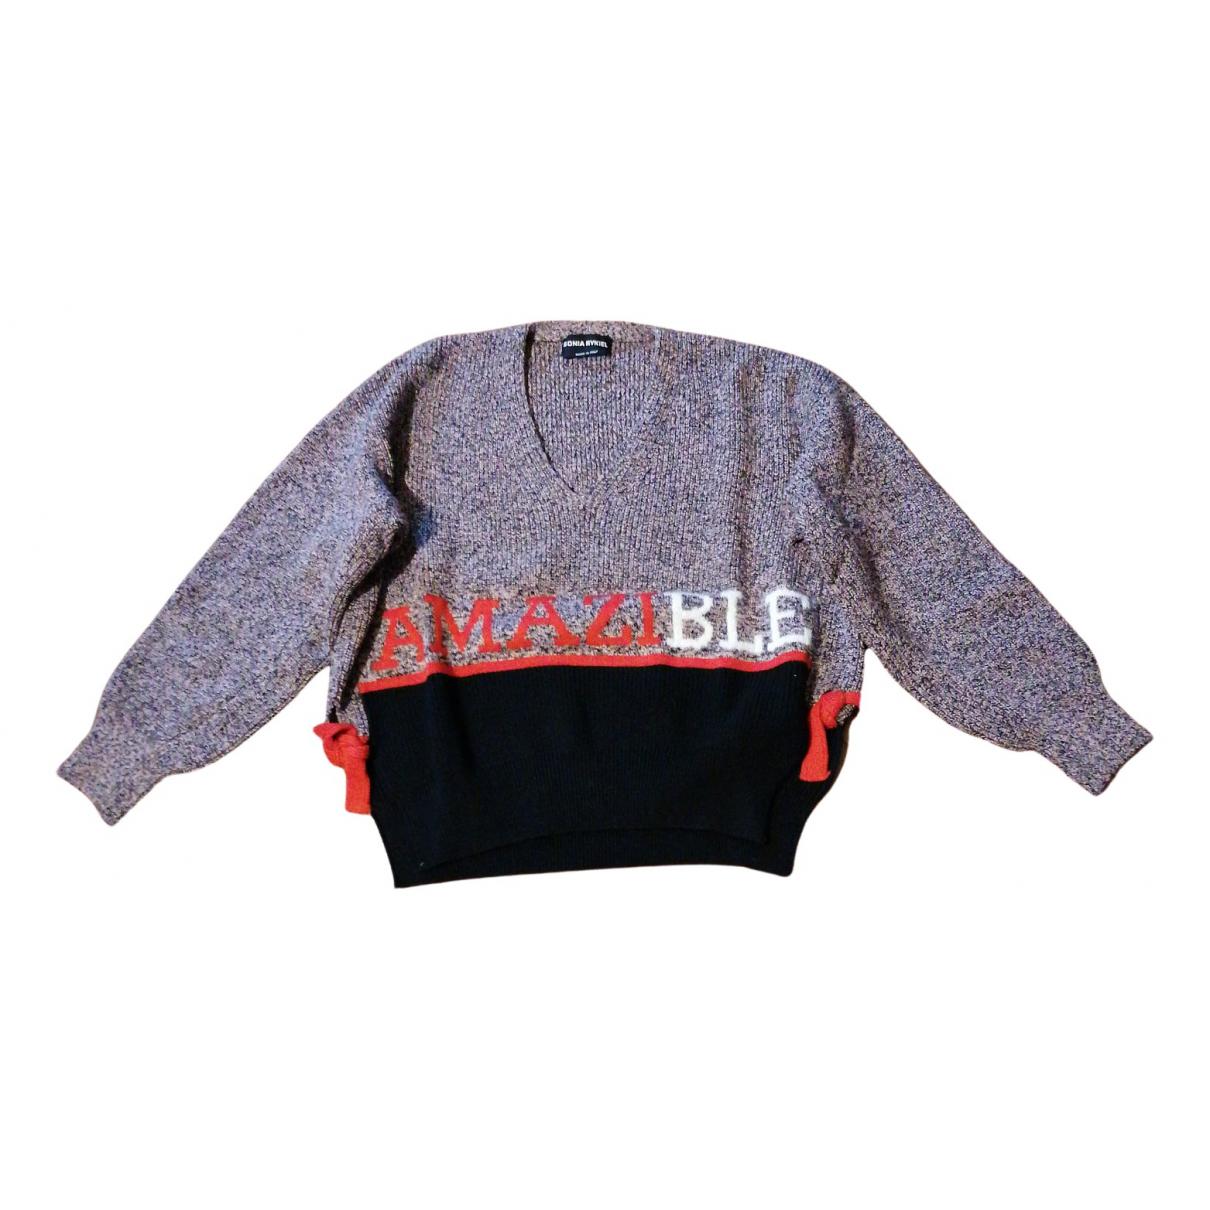 Sonia Rykiel - Pull   pour femme en laine - multicolore